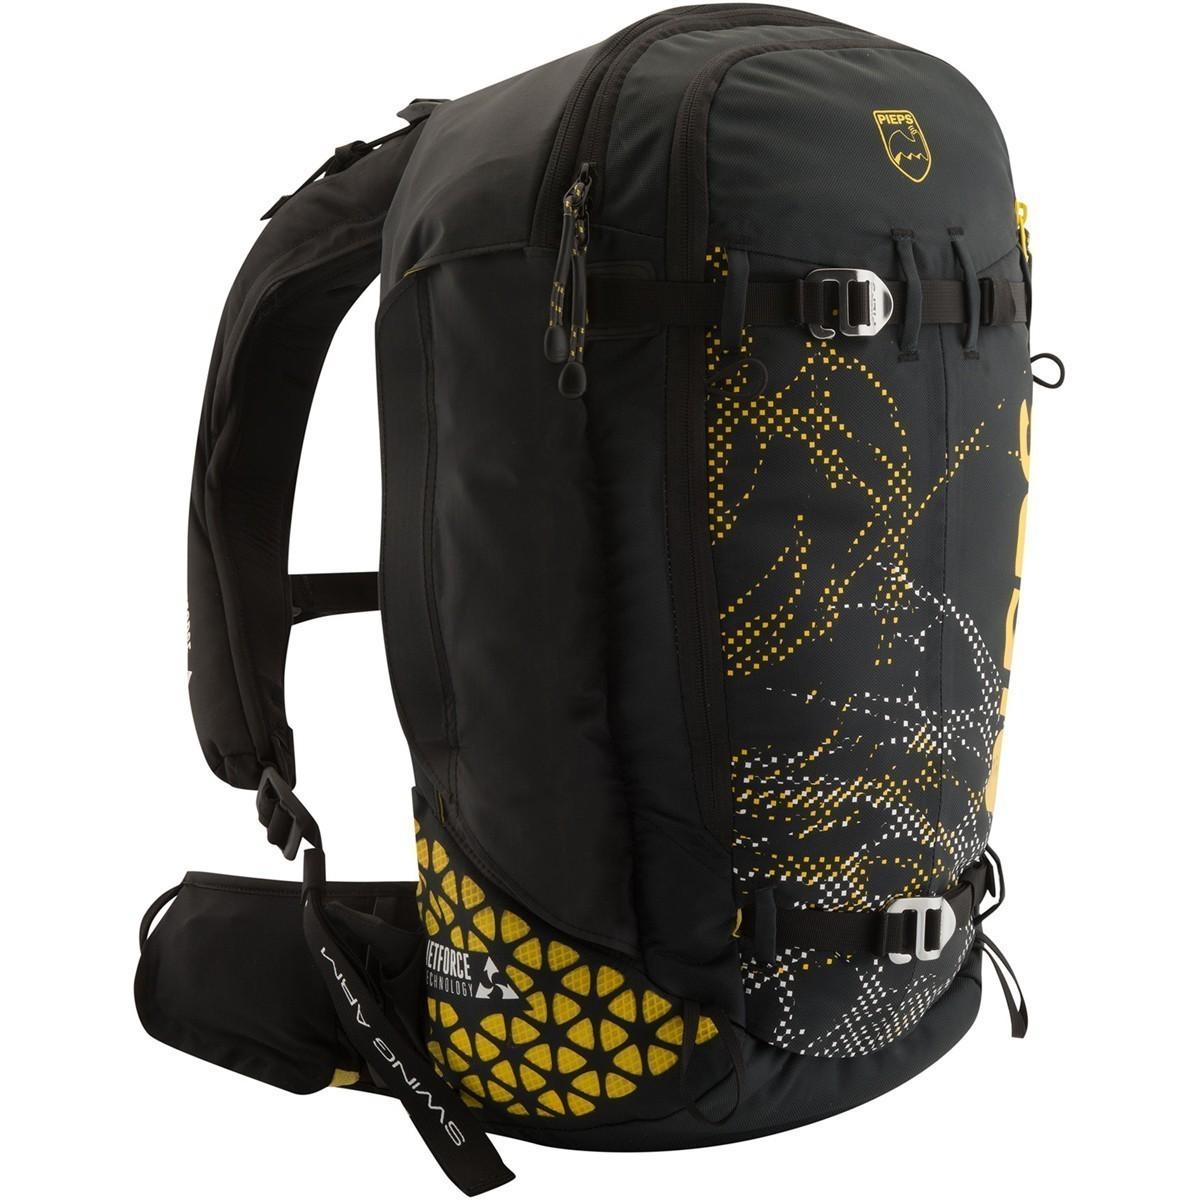 Антилавинный рюкзак видео рюкзаки salomon купить в москве